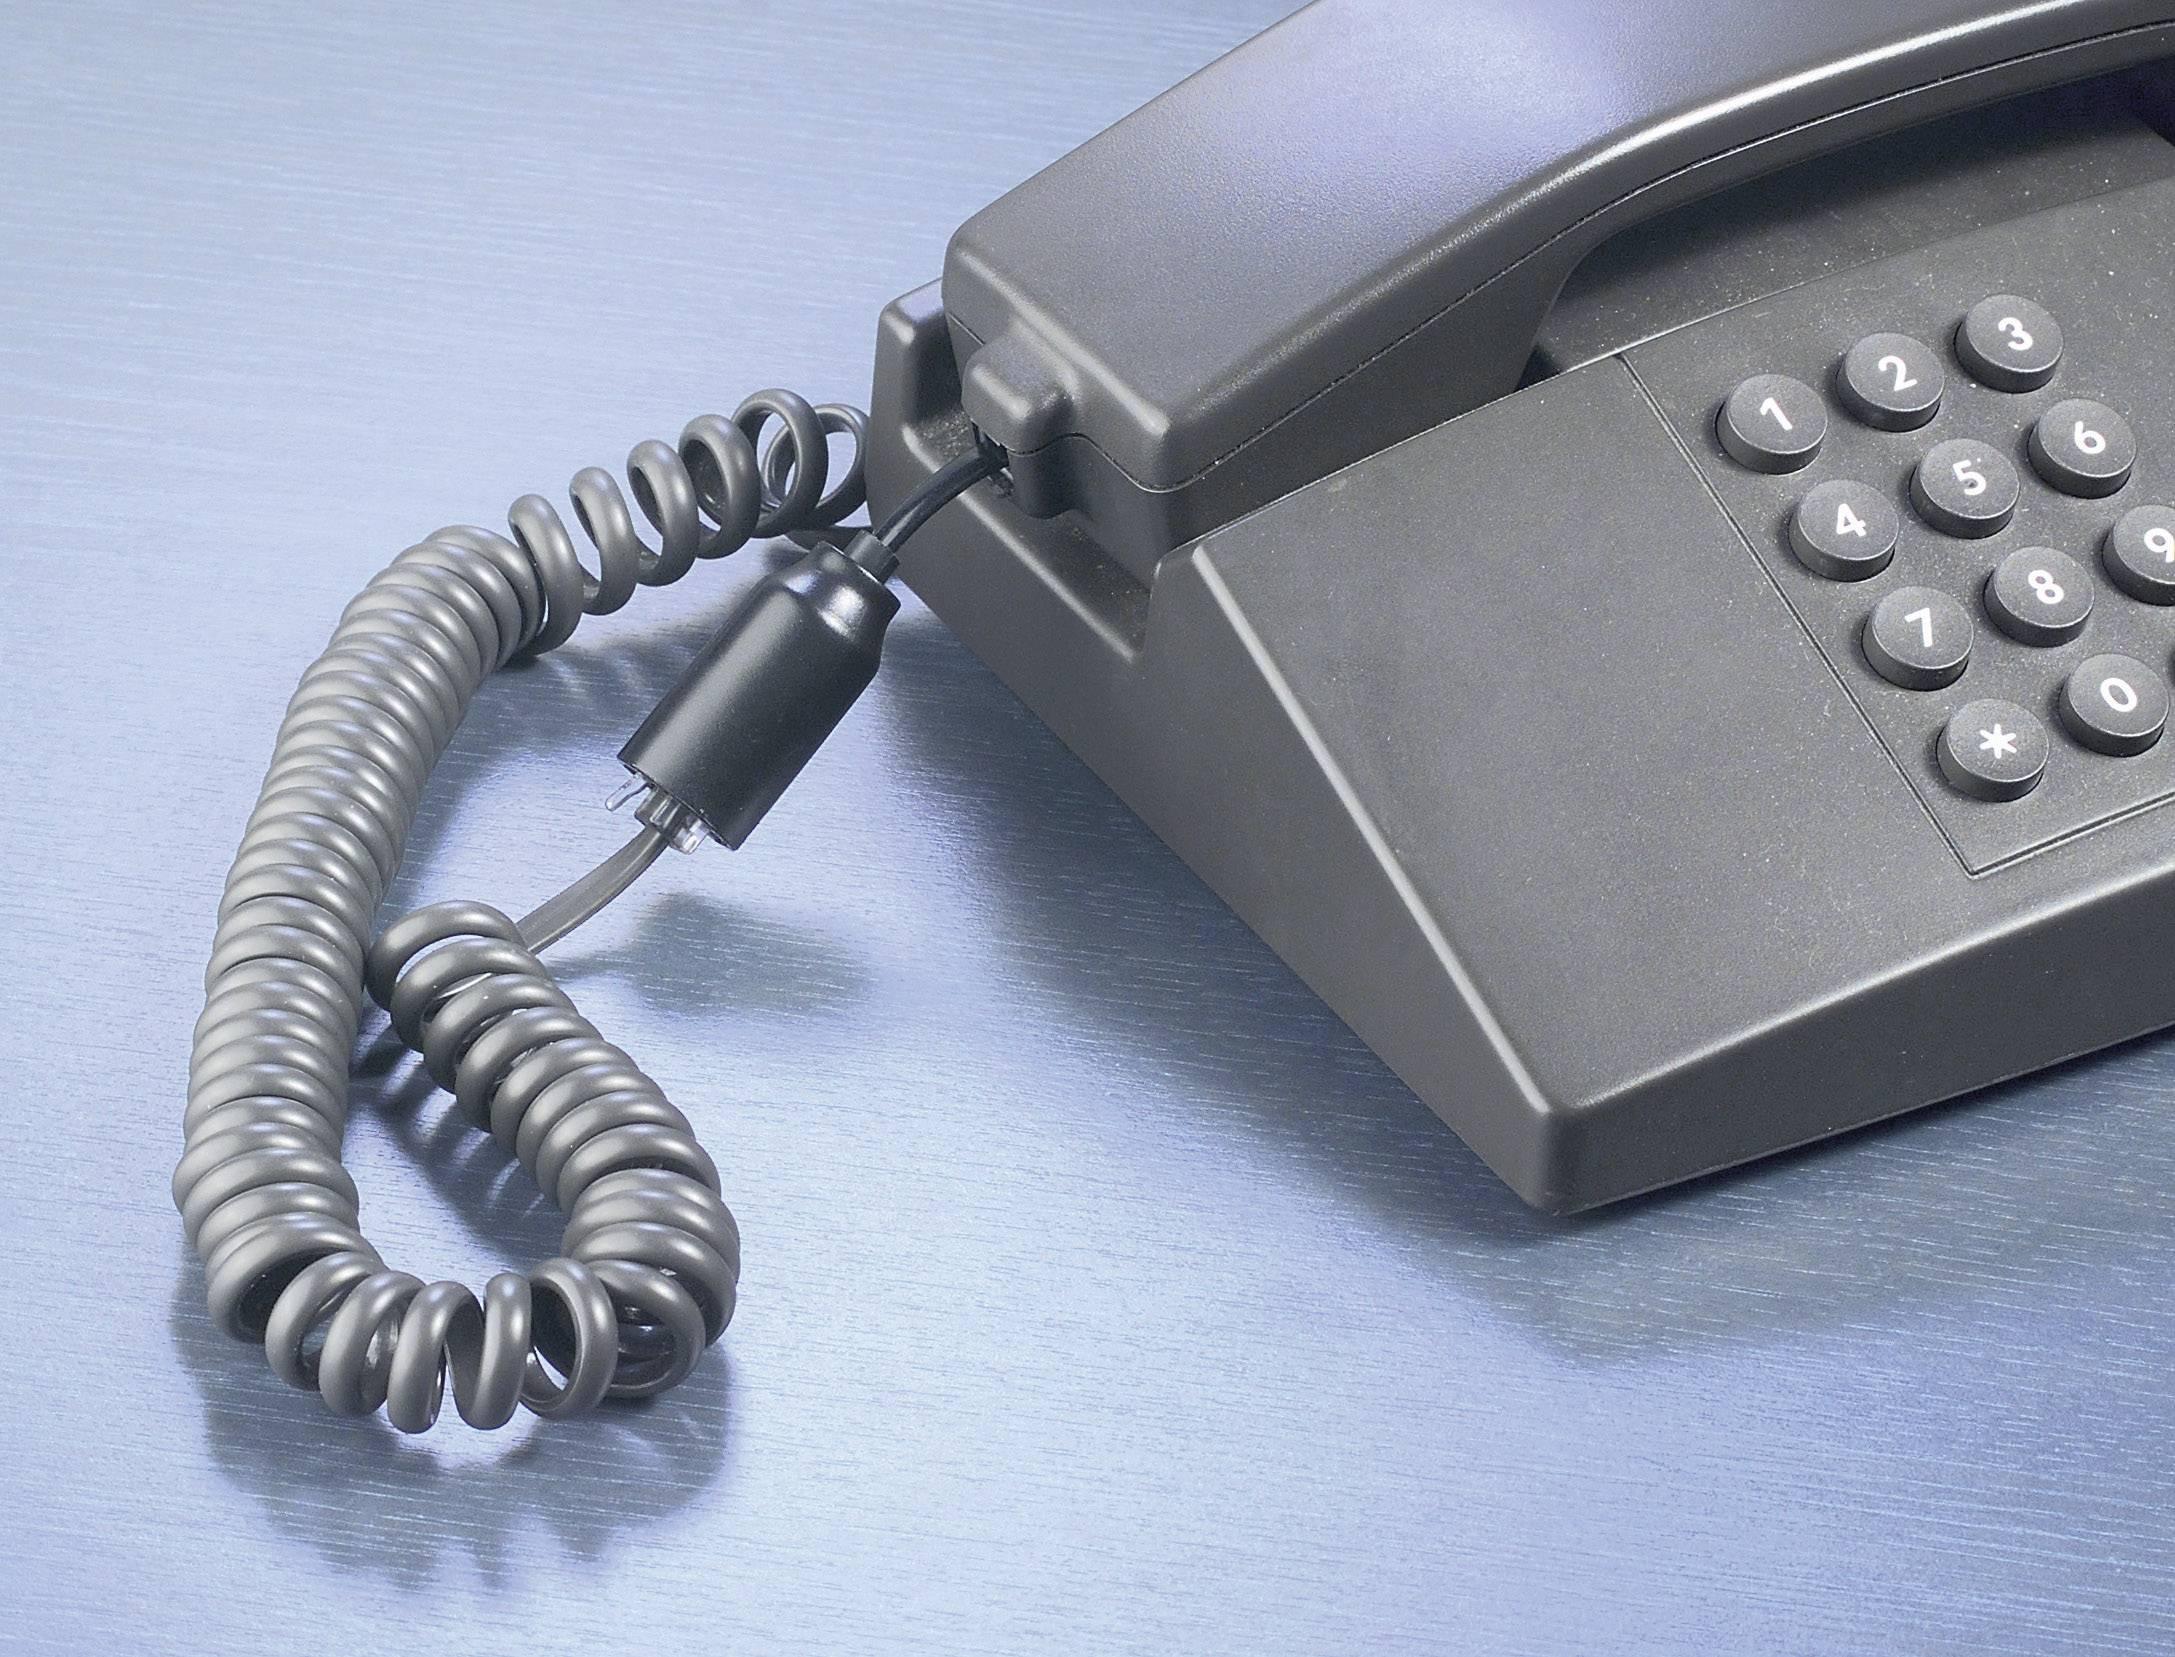 Zamezovač uzlů na telefonních kabelech